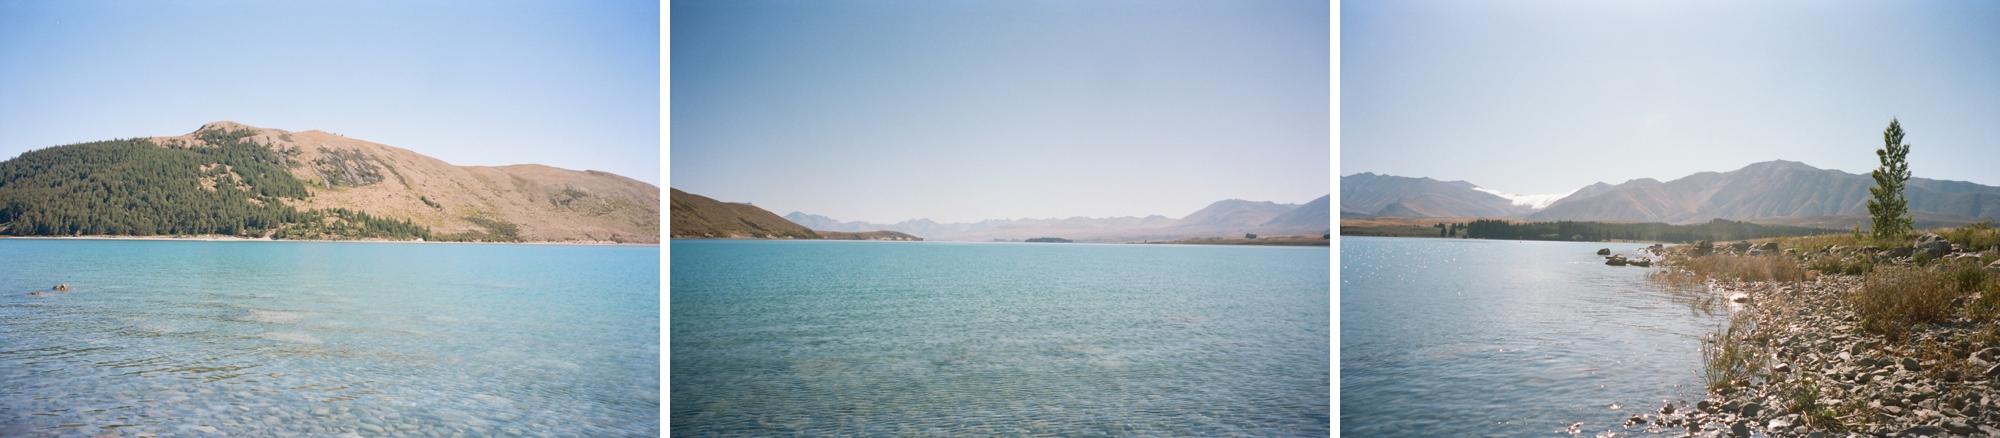 2 - lake tekapo_0011